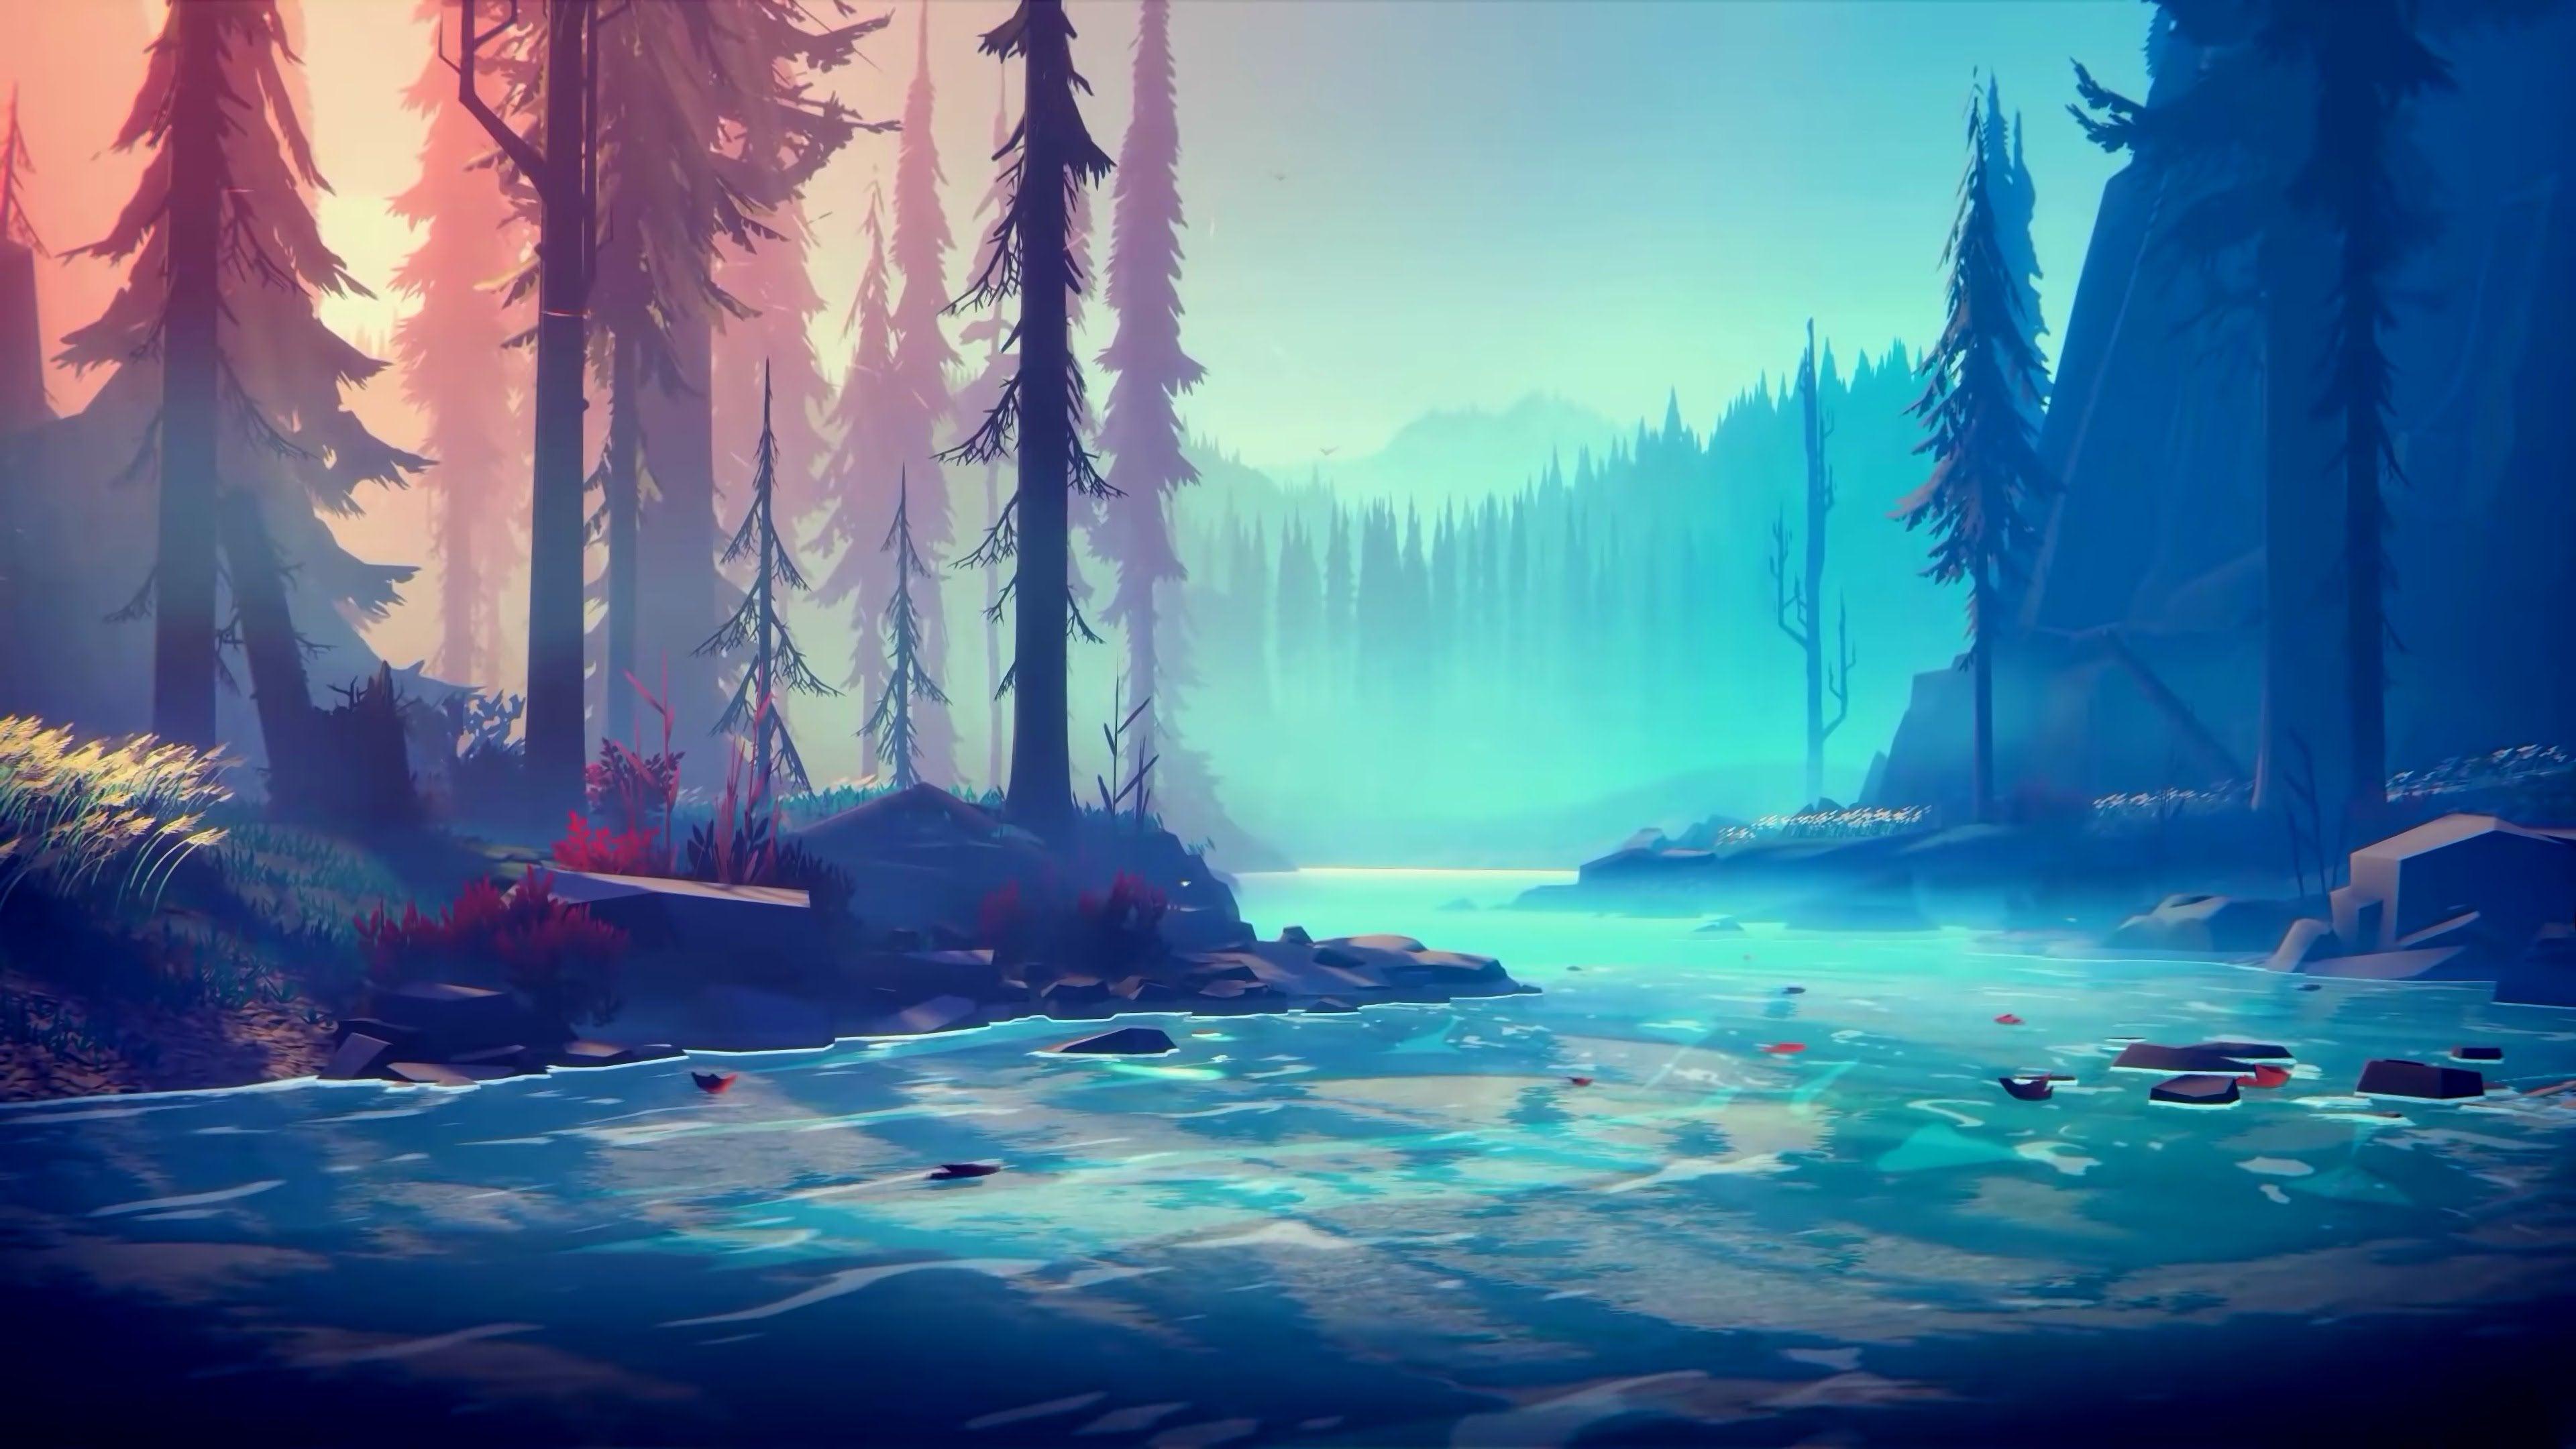 Minimalist Forest River Wallpaper [3840x2160] wallpaper 3840x2160